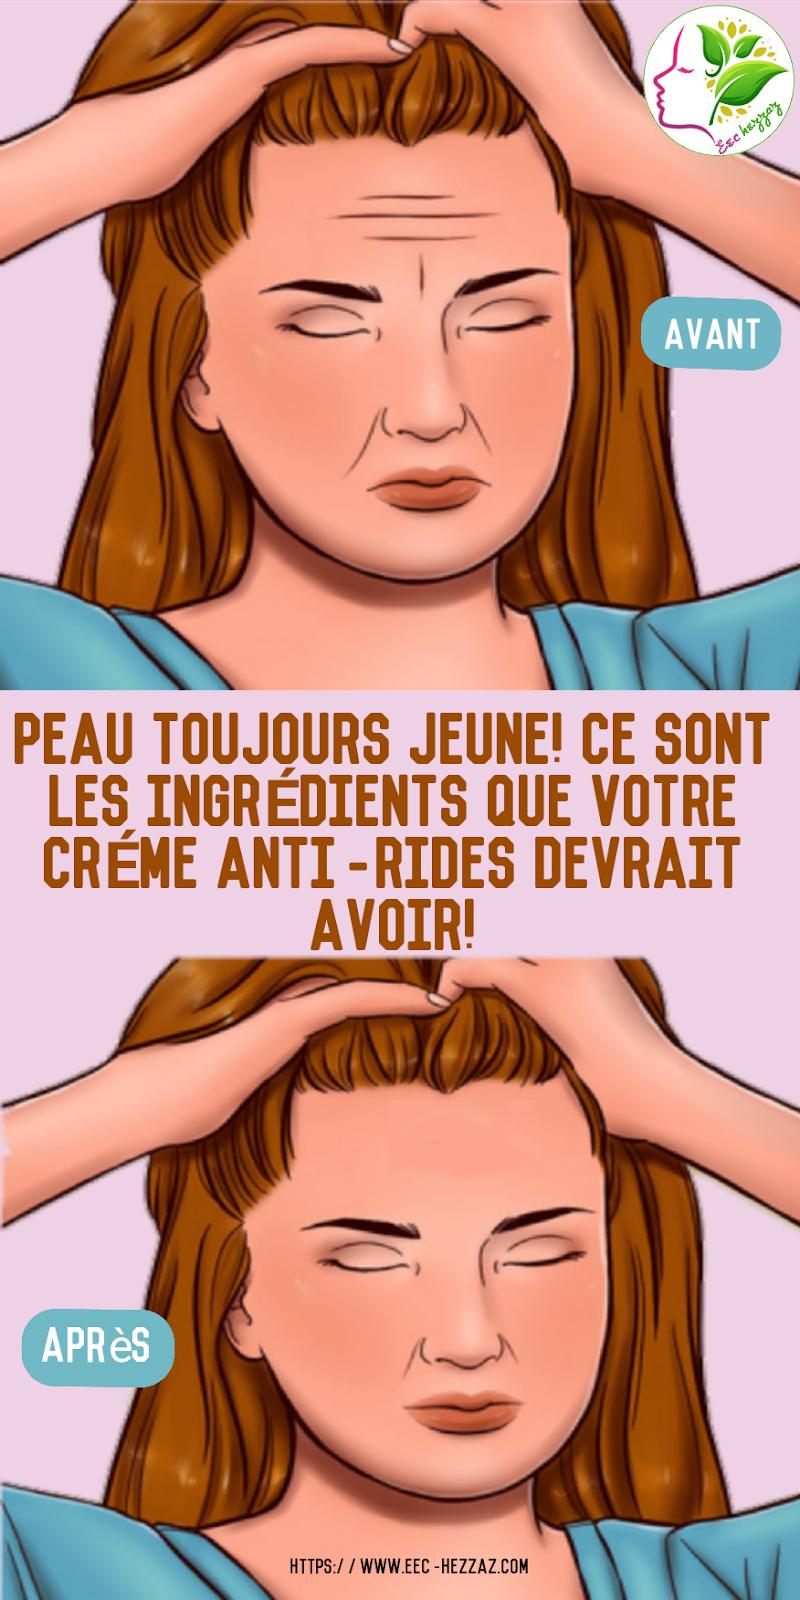 Peau toujours jeune! ce sont les ingrédients que votre crème anti-rides devrait avoir!